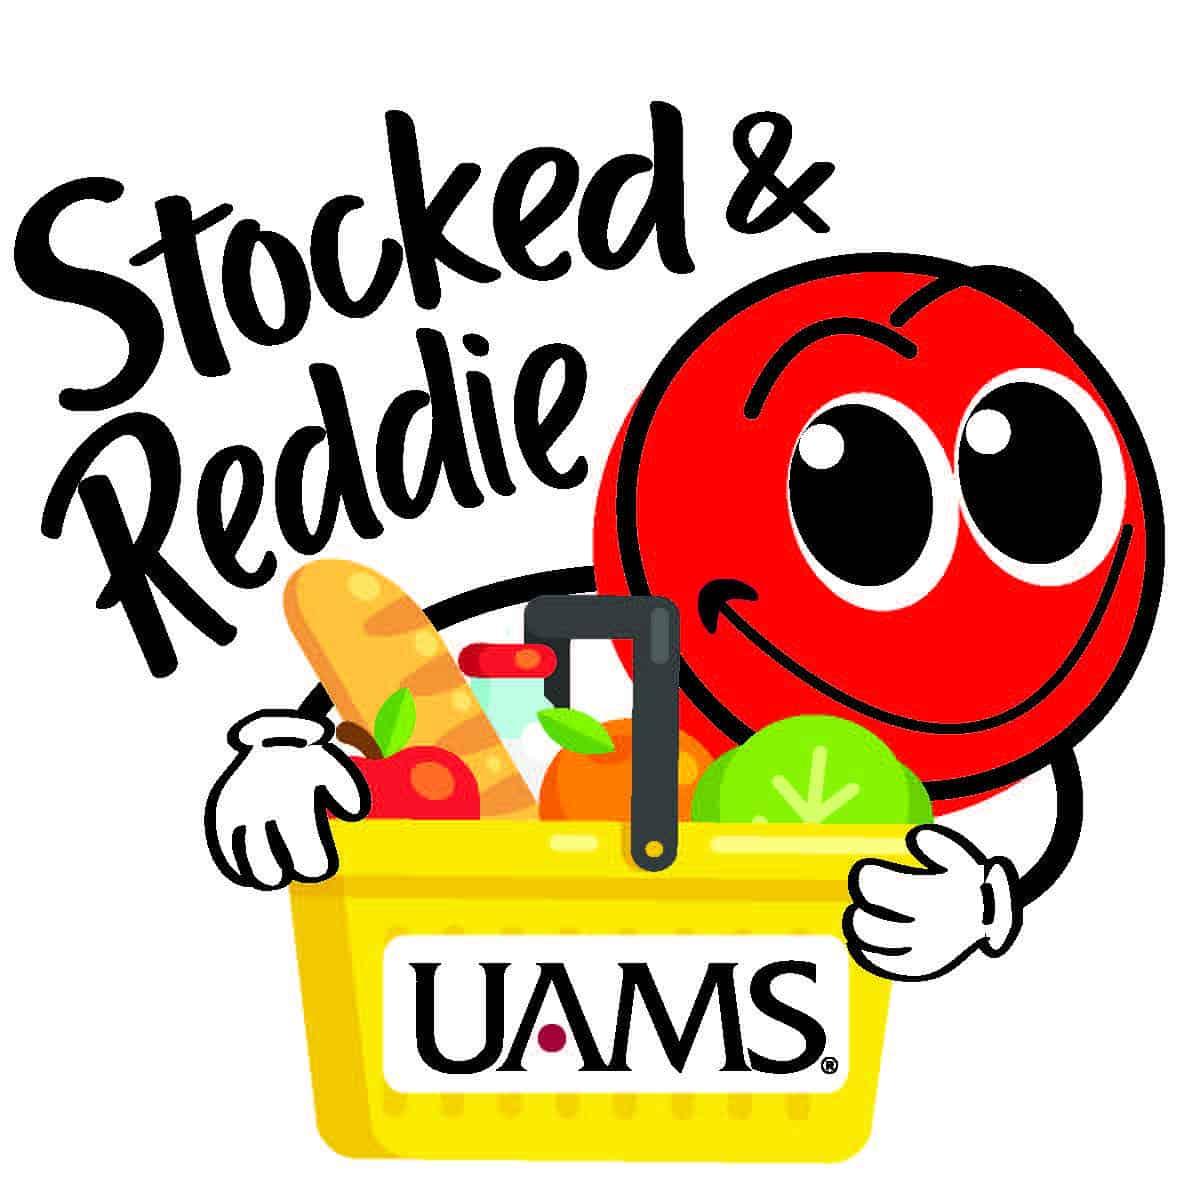 Stocked & Reddie